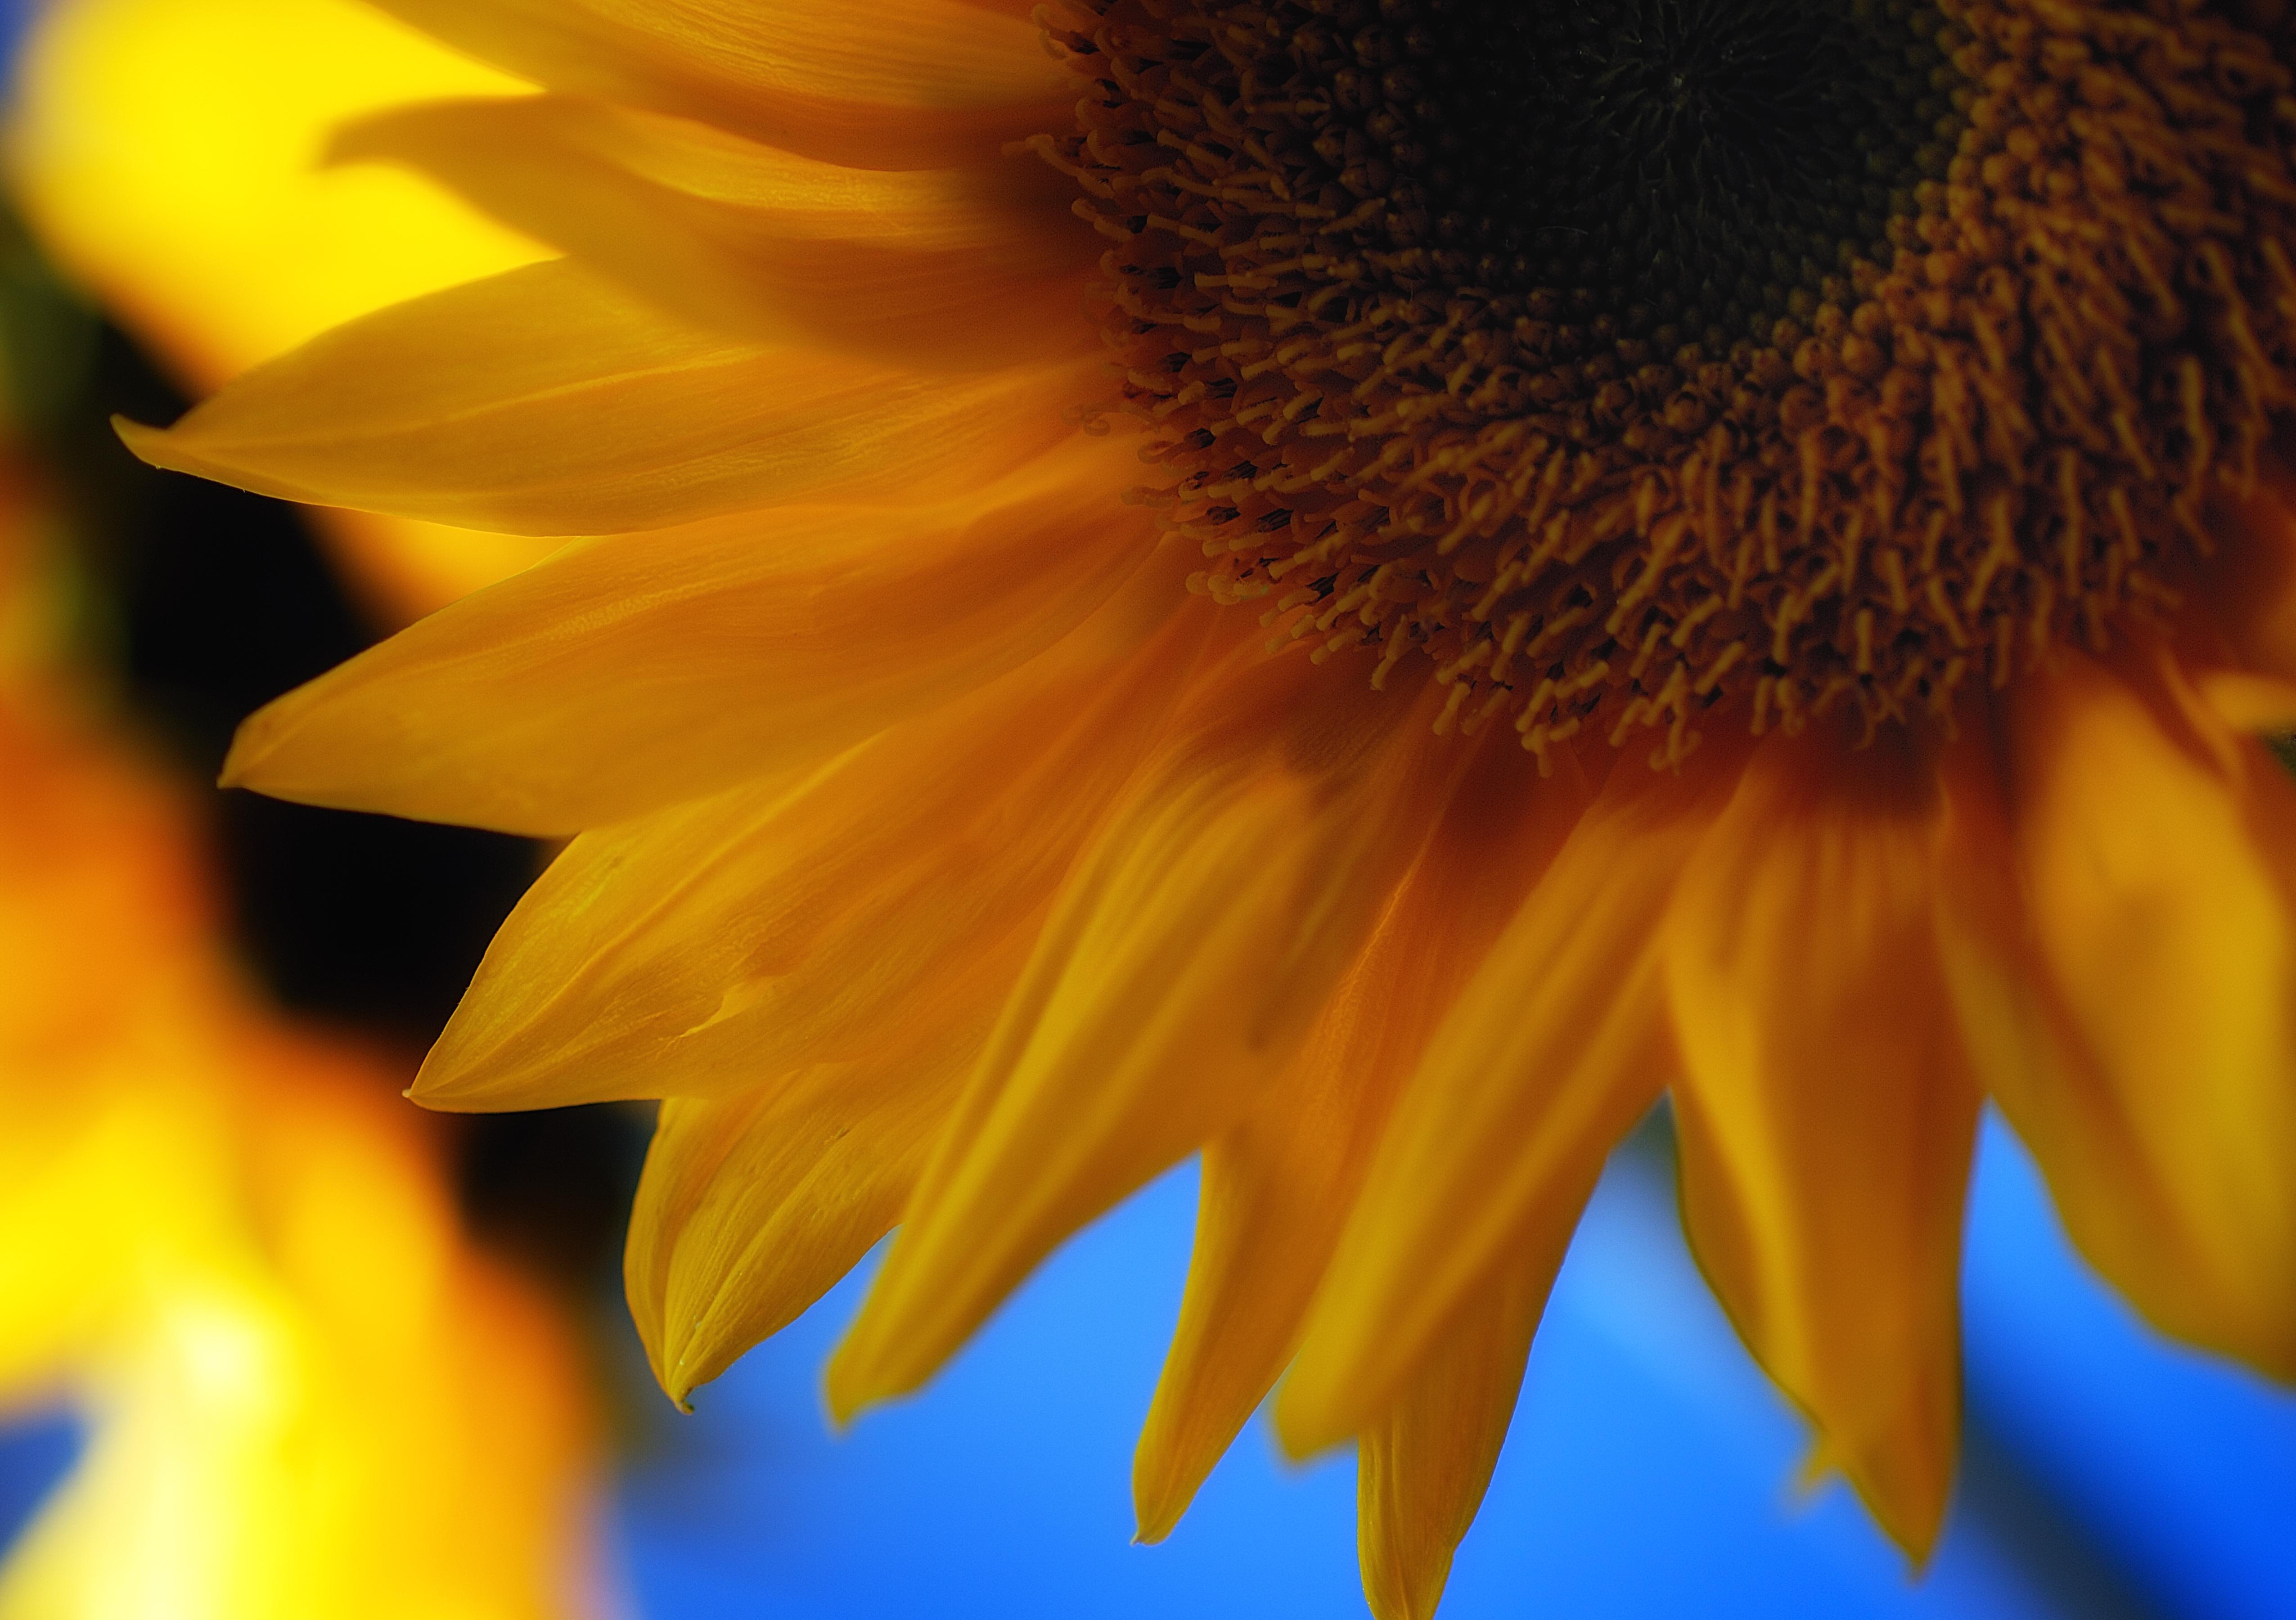 sunflowers_25